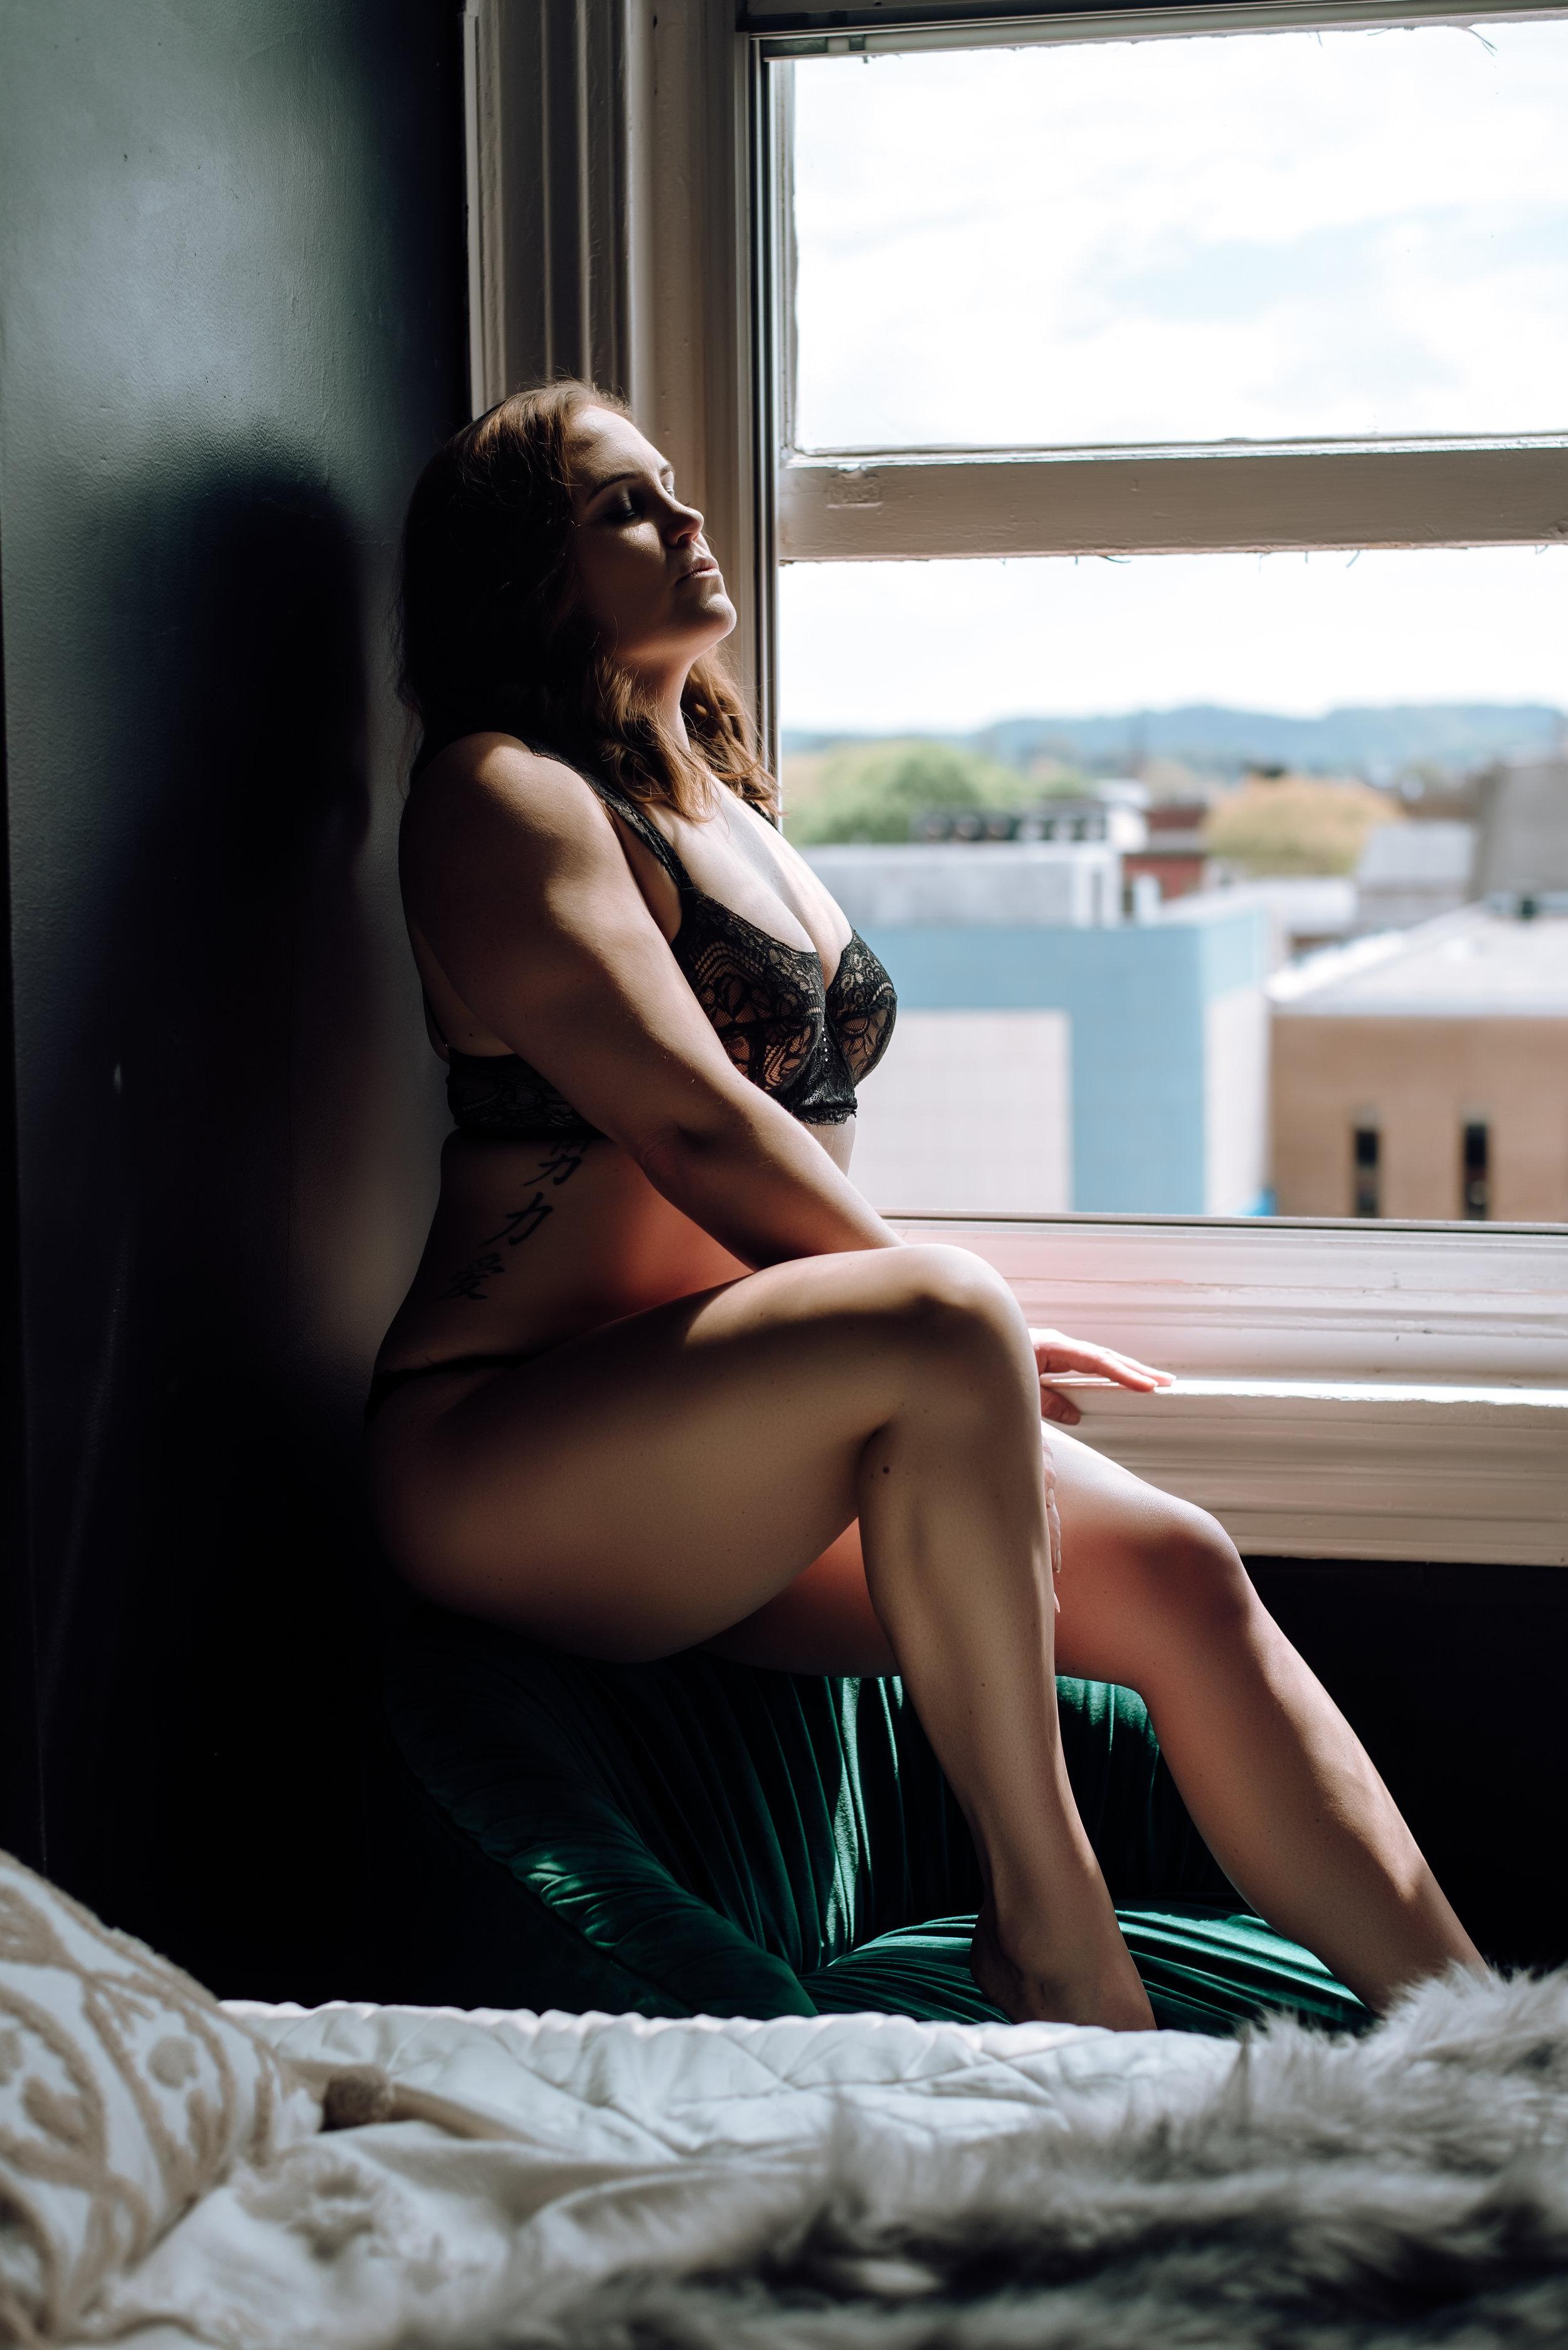 boudoir photography-6.jpg